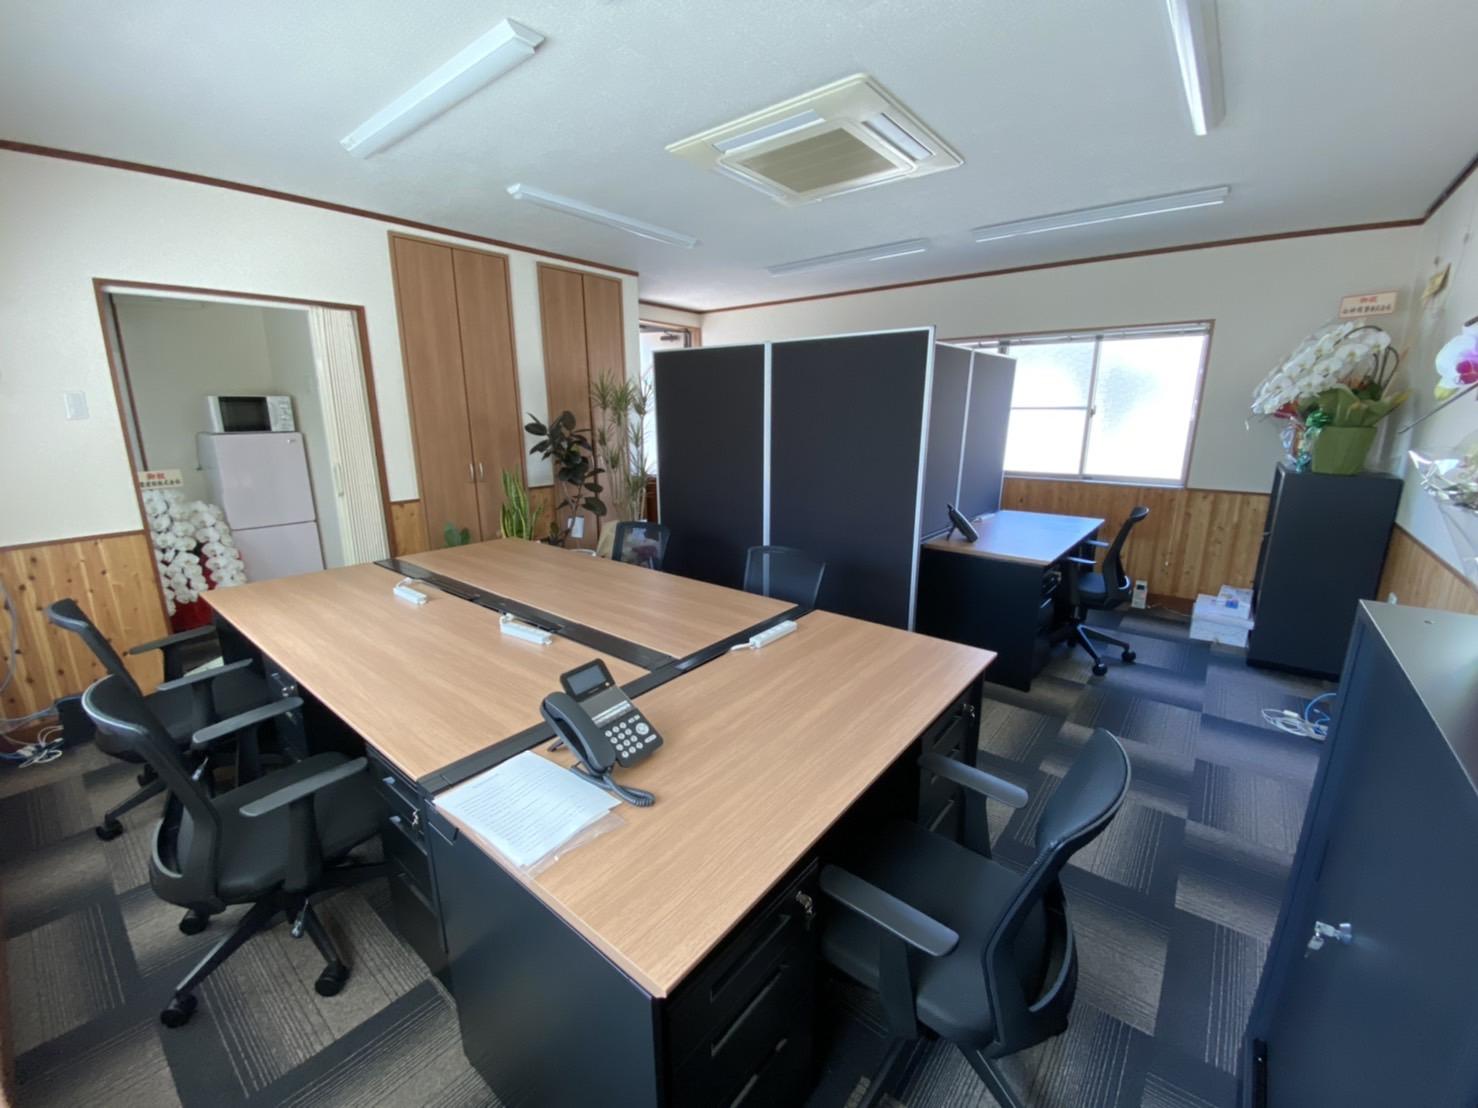 事務所新設に伴い、シックなオフィスを創りました!